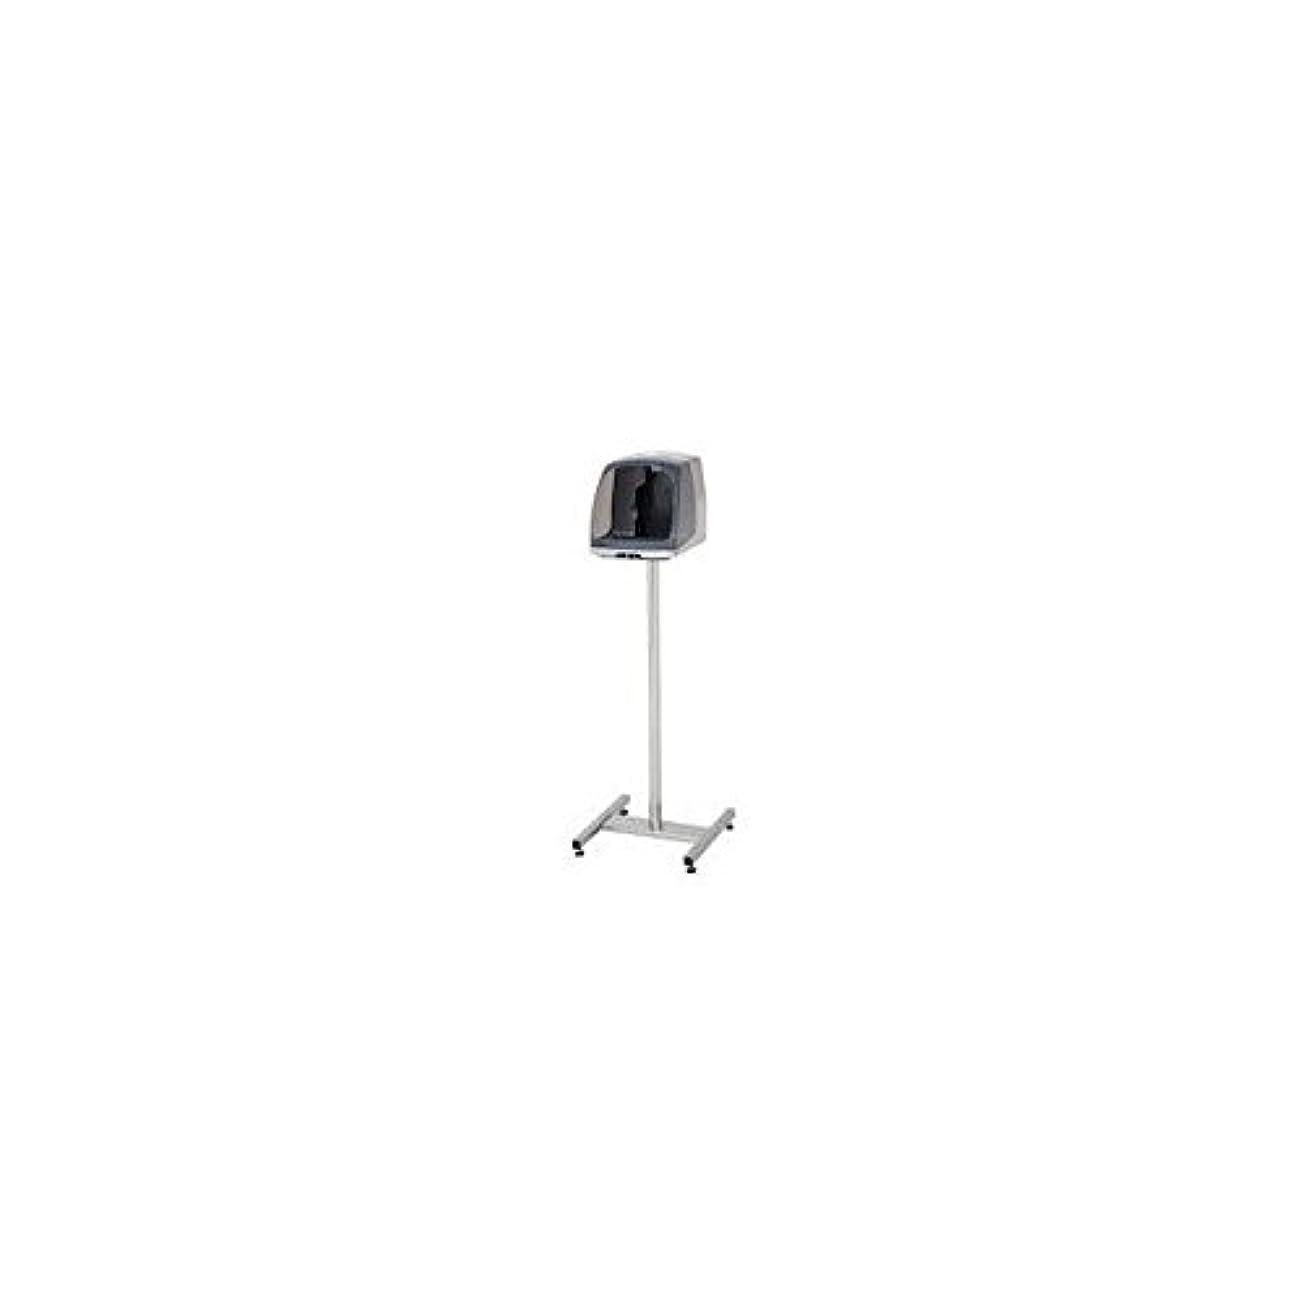 ネスト戦略隠自動手指消毒器 HDI-9000用 架台スタンド キャスターなし 【品番】XSY8501